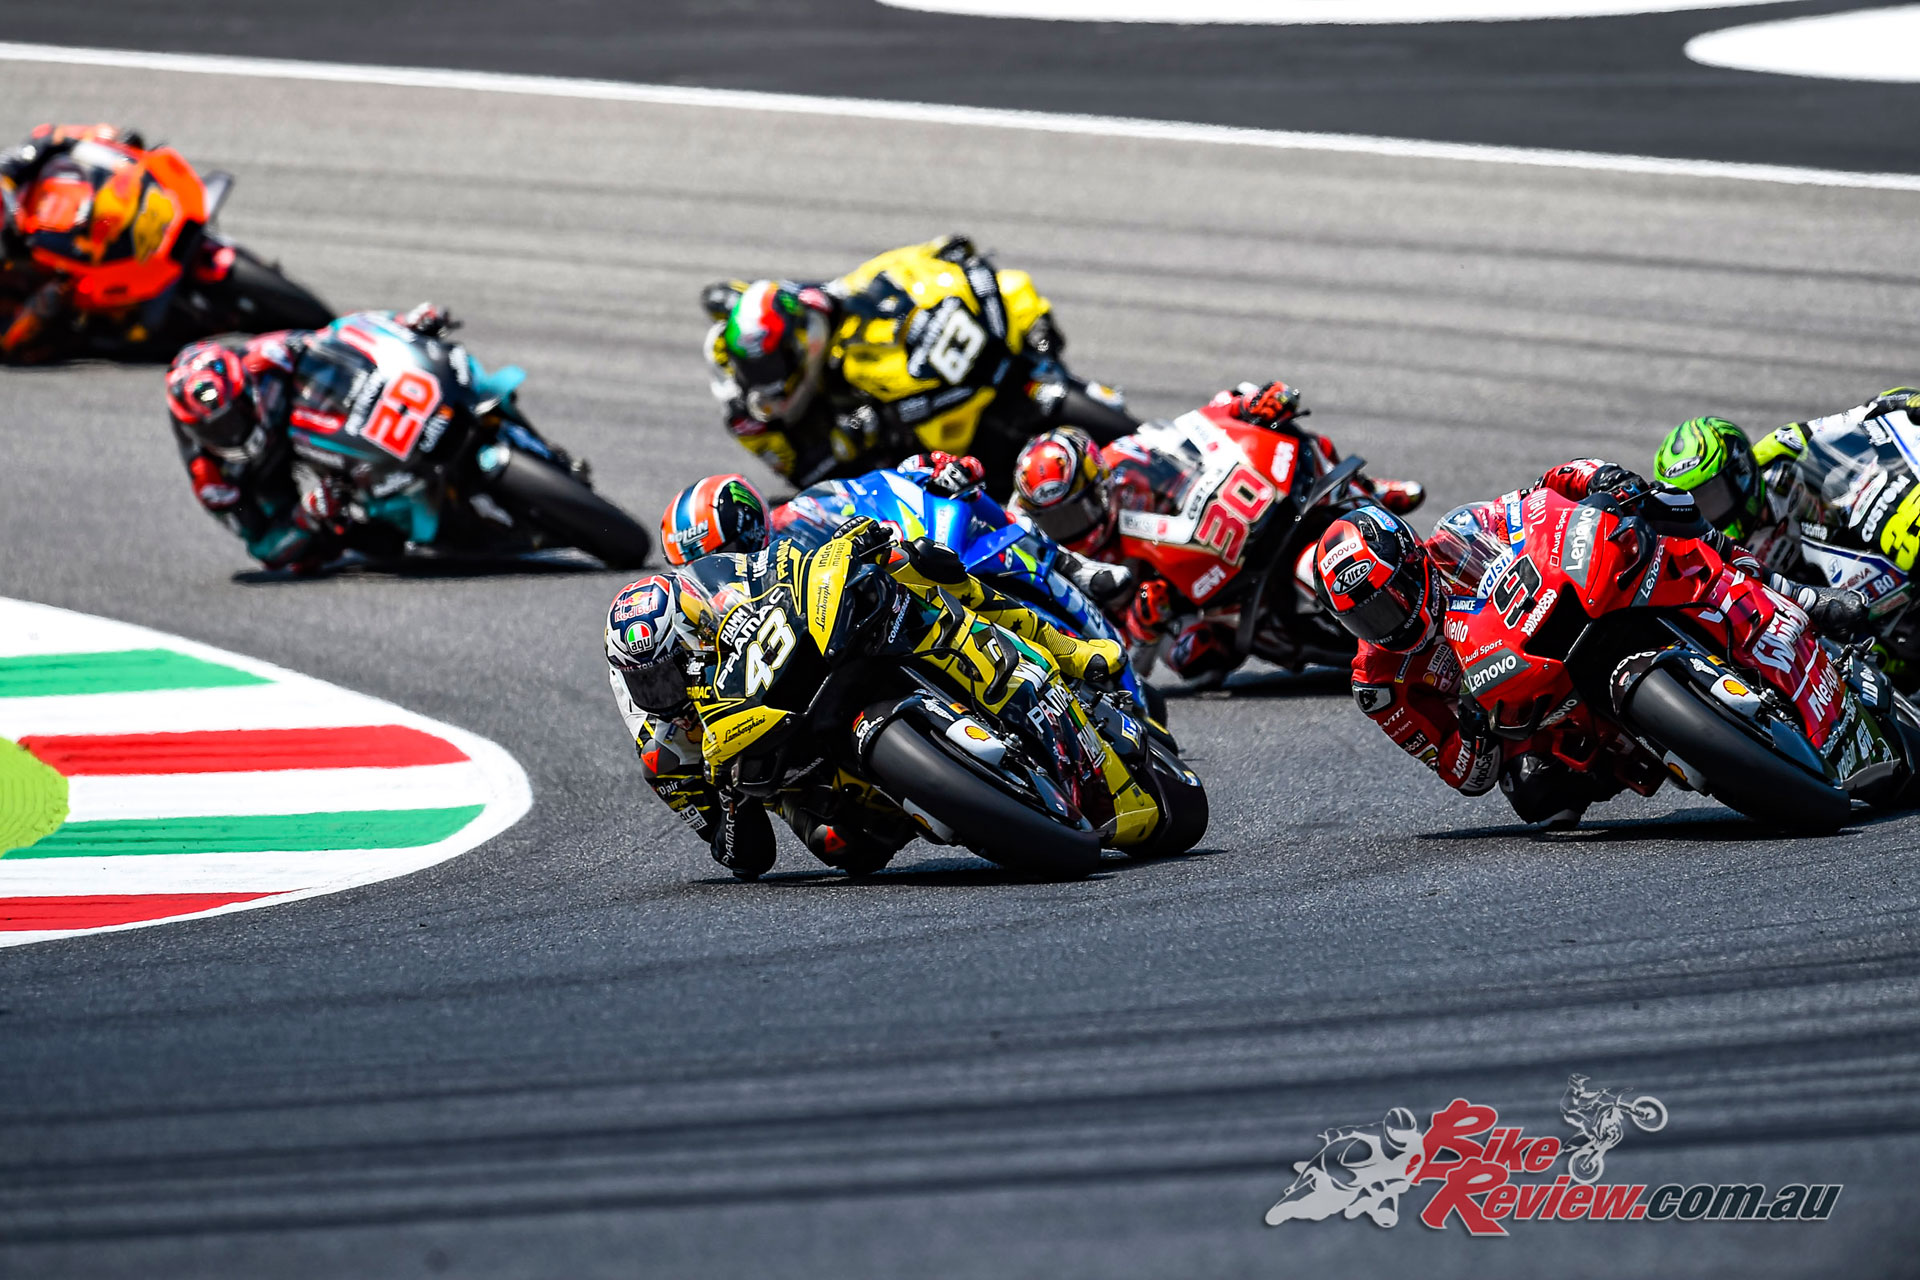 Jack Miller - 2019 MotoGP Round 6 Mugello